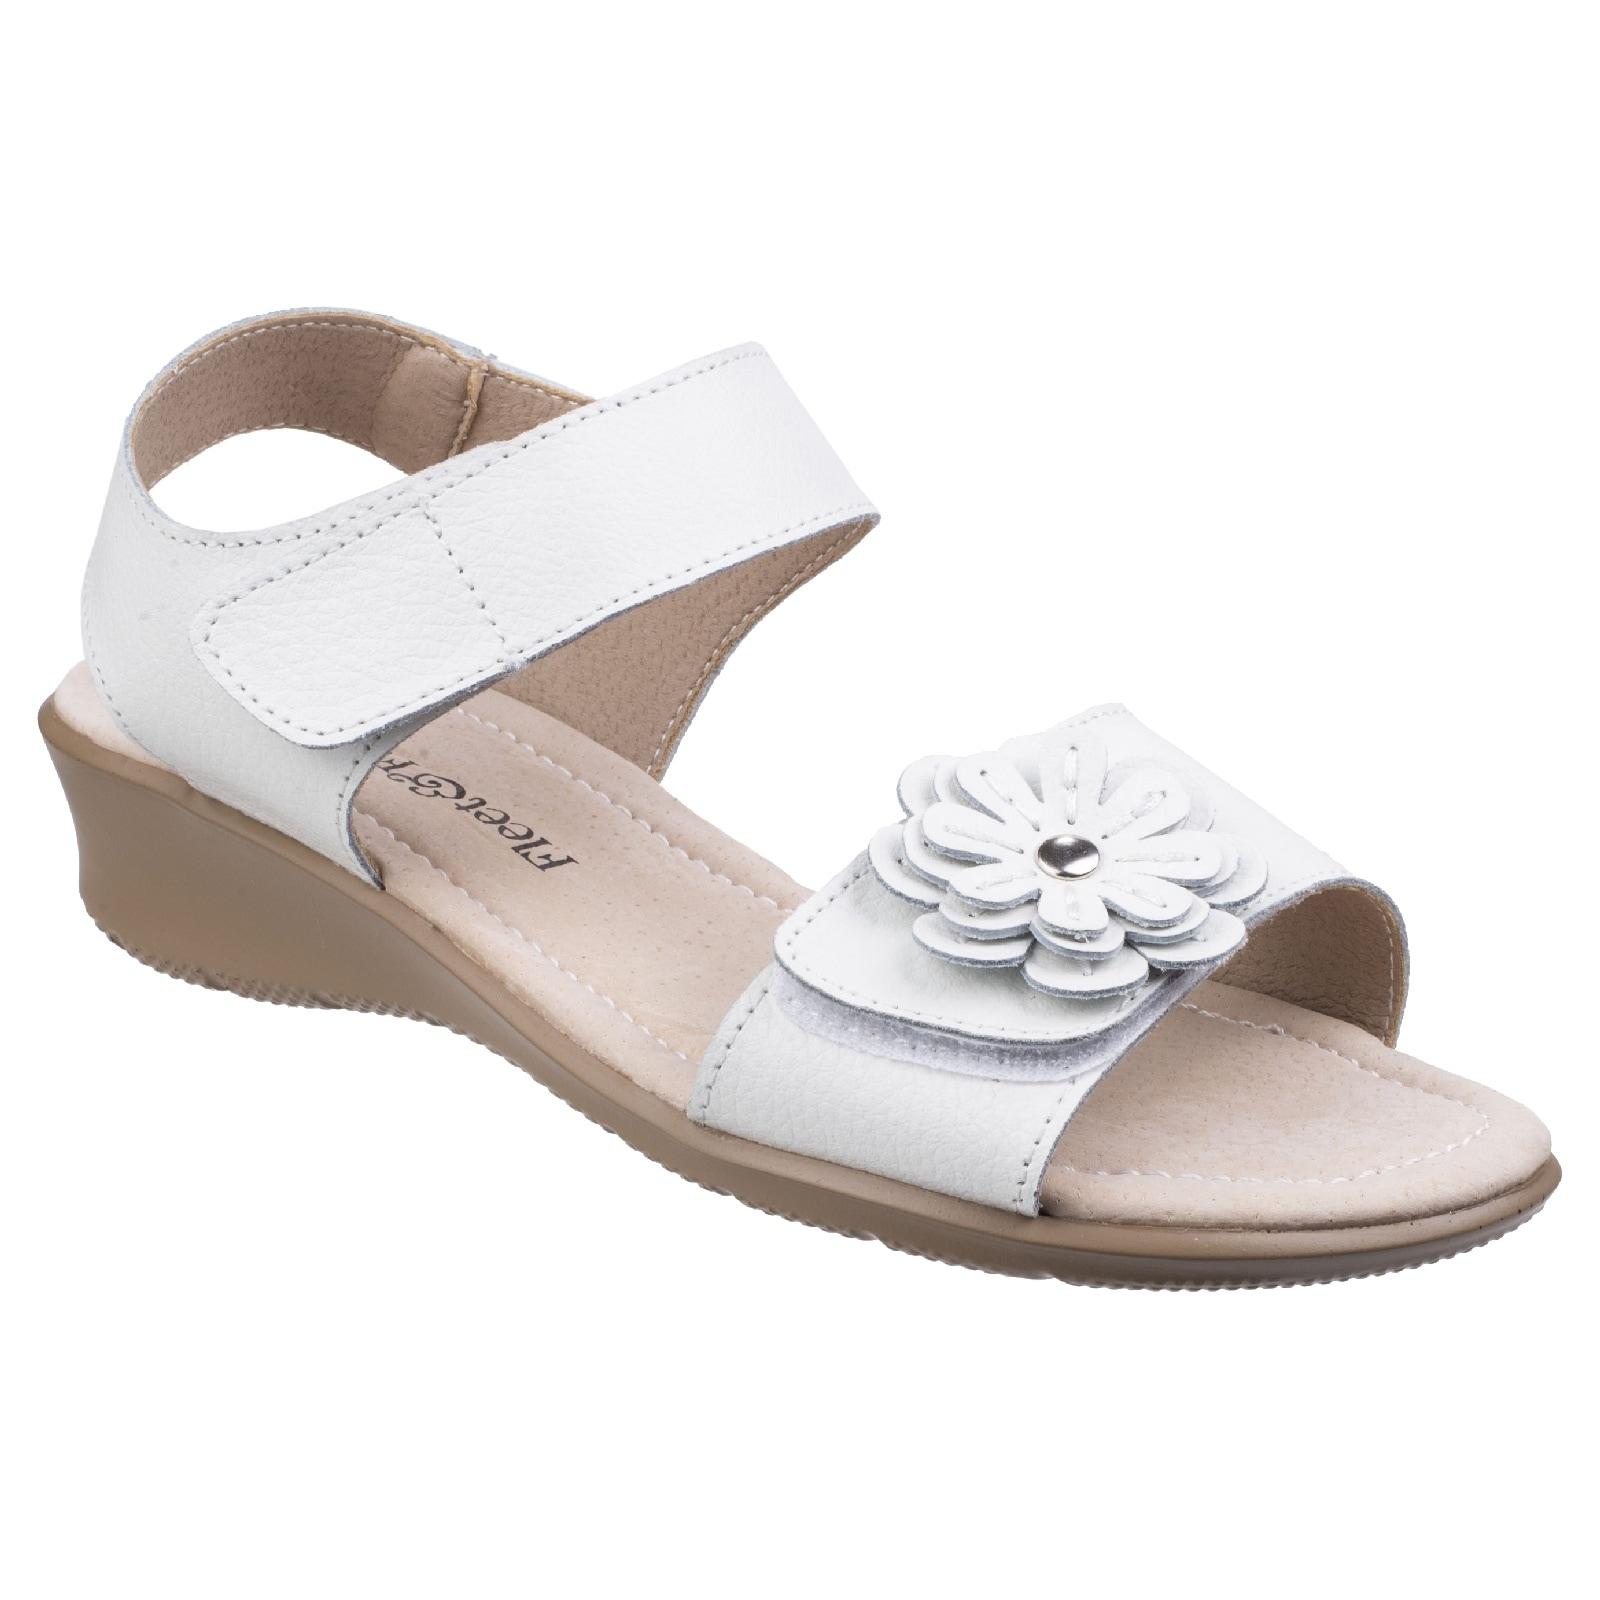 fleet & foster -  Sandale Damen Sapphire n mit Klettverschluss